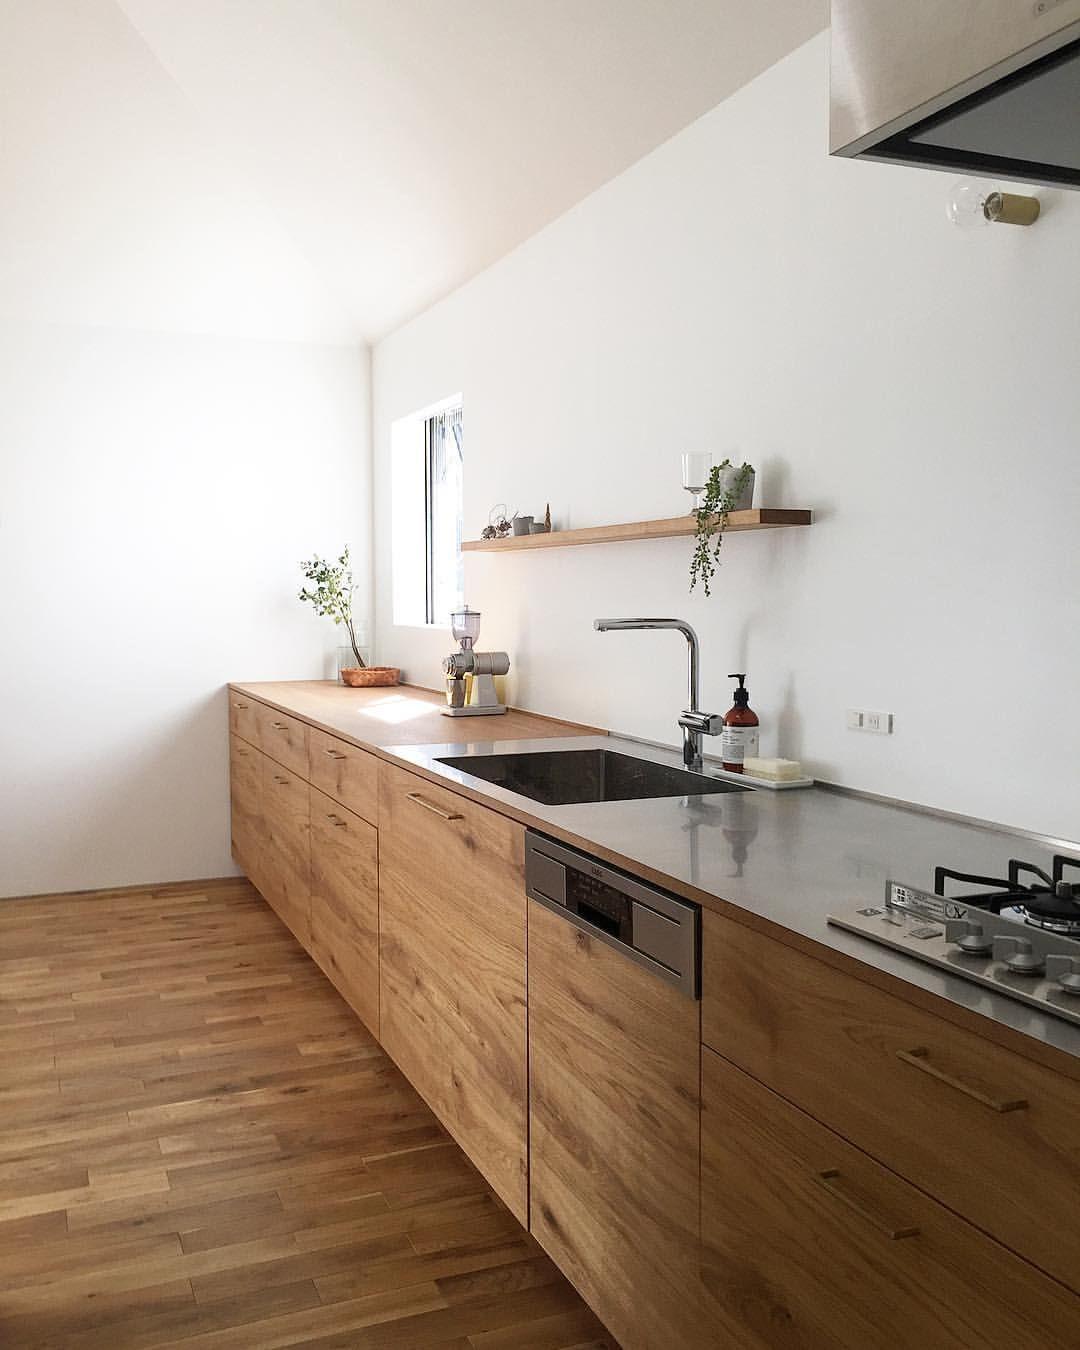 ヨハクノイエのキッチン 我が家のキッチンは最近新築などでは